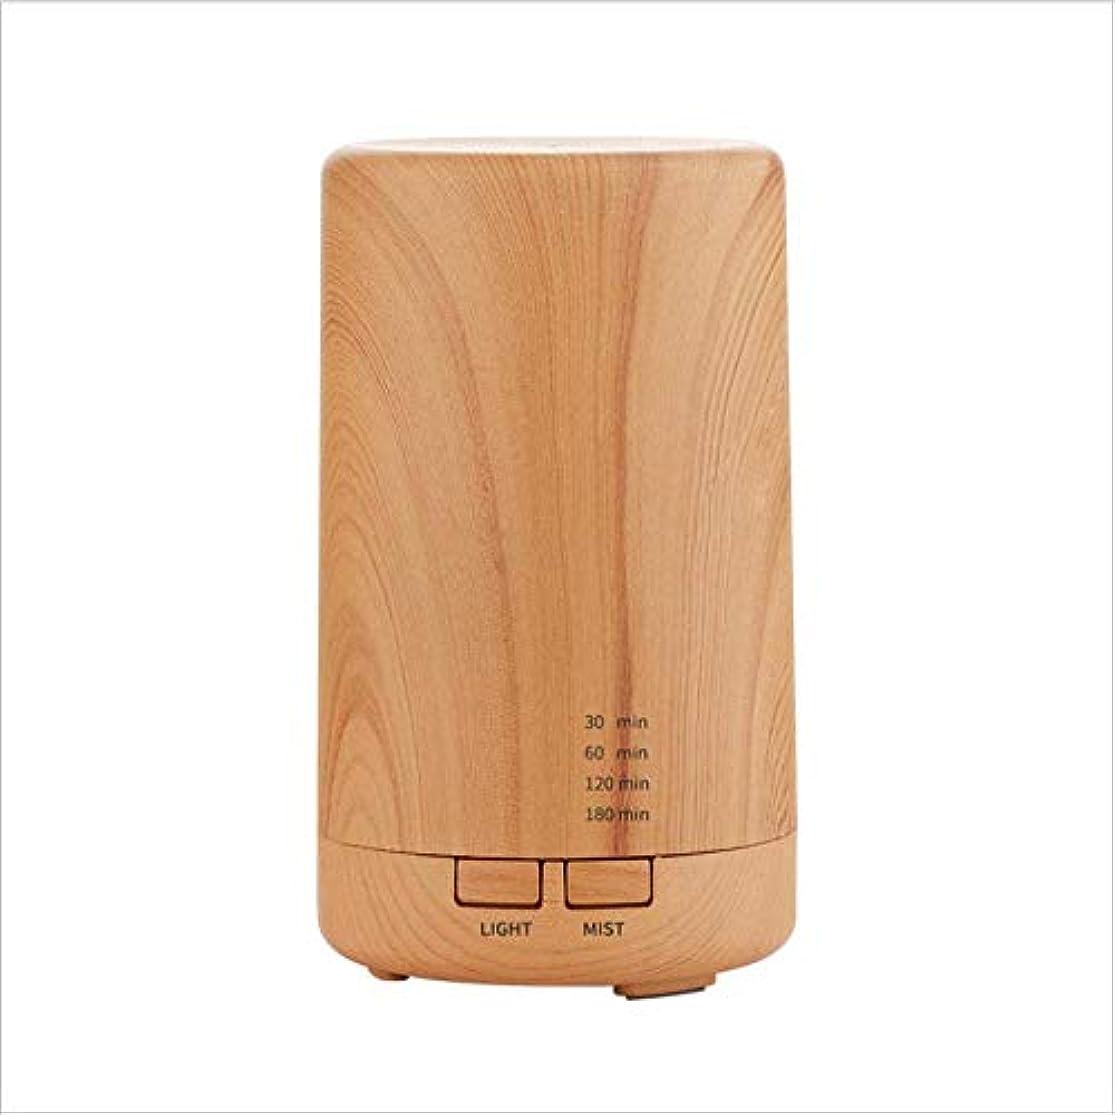 以前はつばゲートSOTCE アロマディフューザー加湿器超音波霧化技術エッセンシャルオイル満足のいく解決策湿潤環境 (Color : Wood)